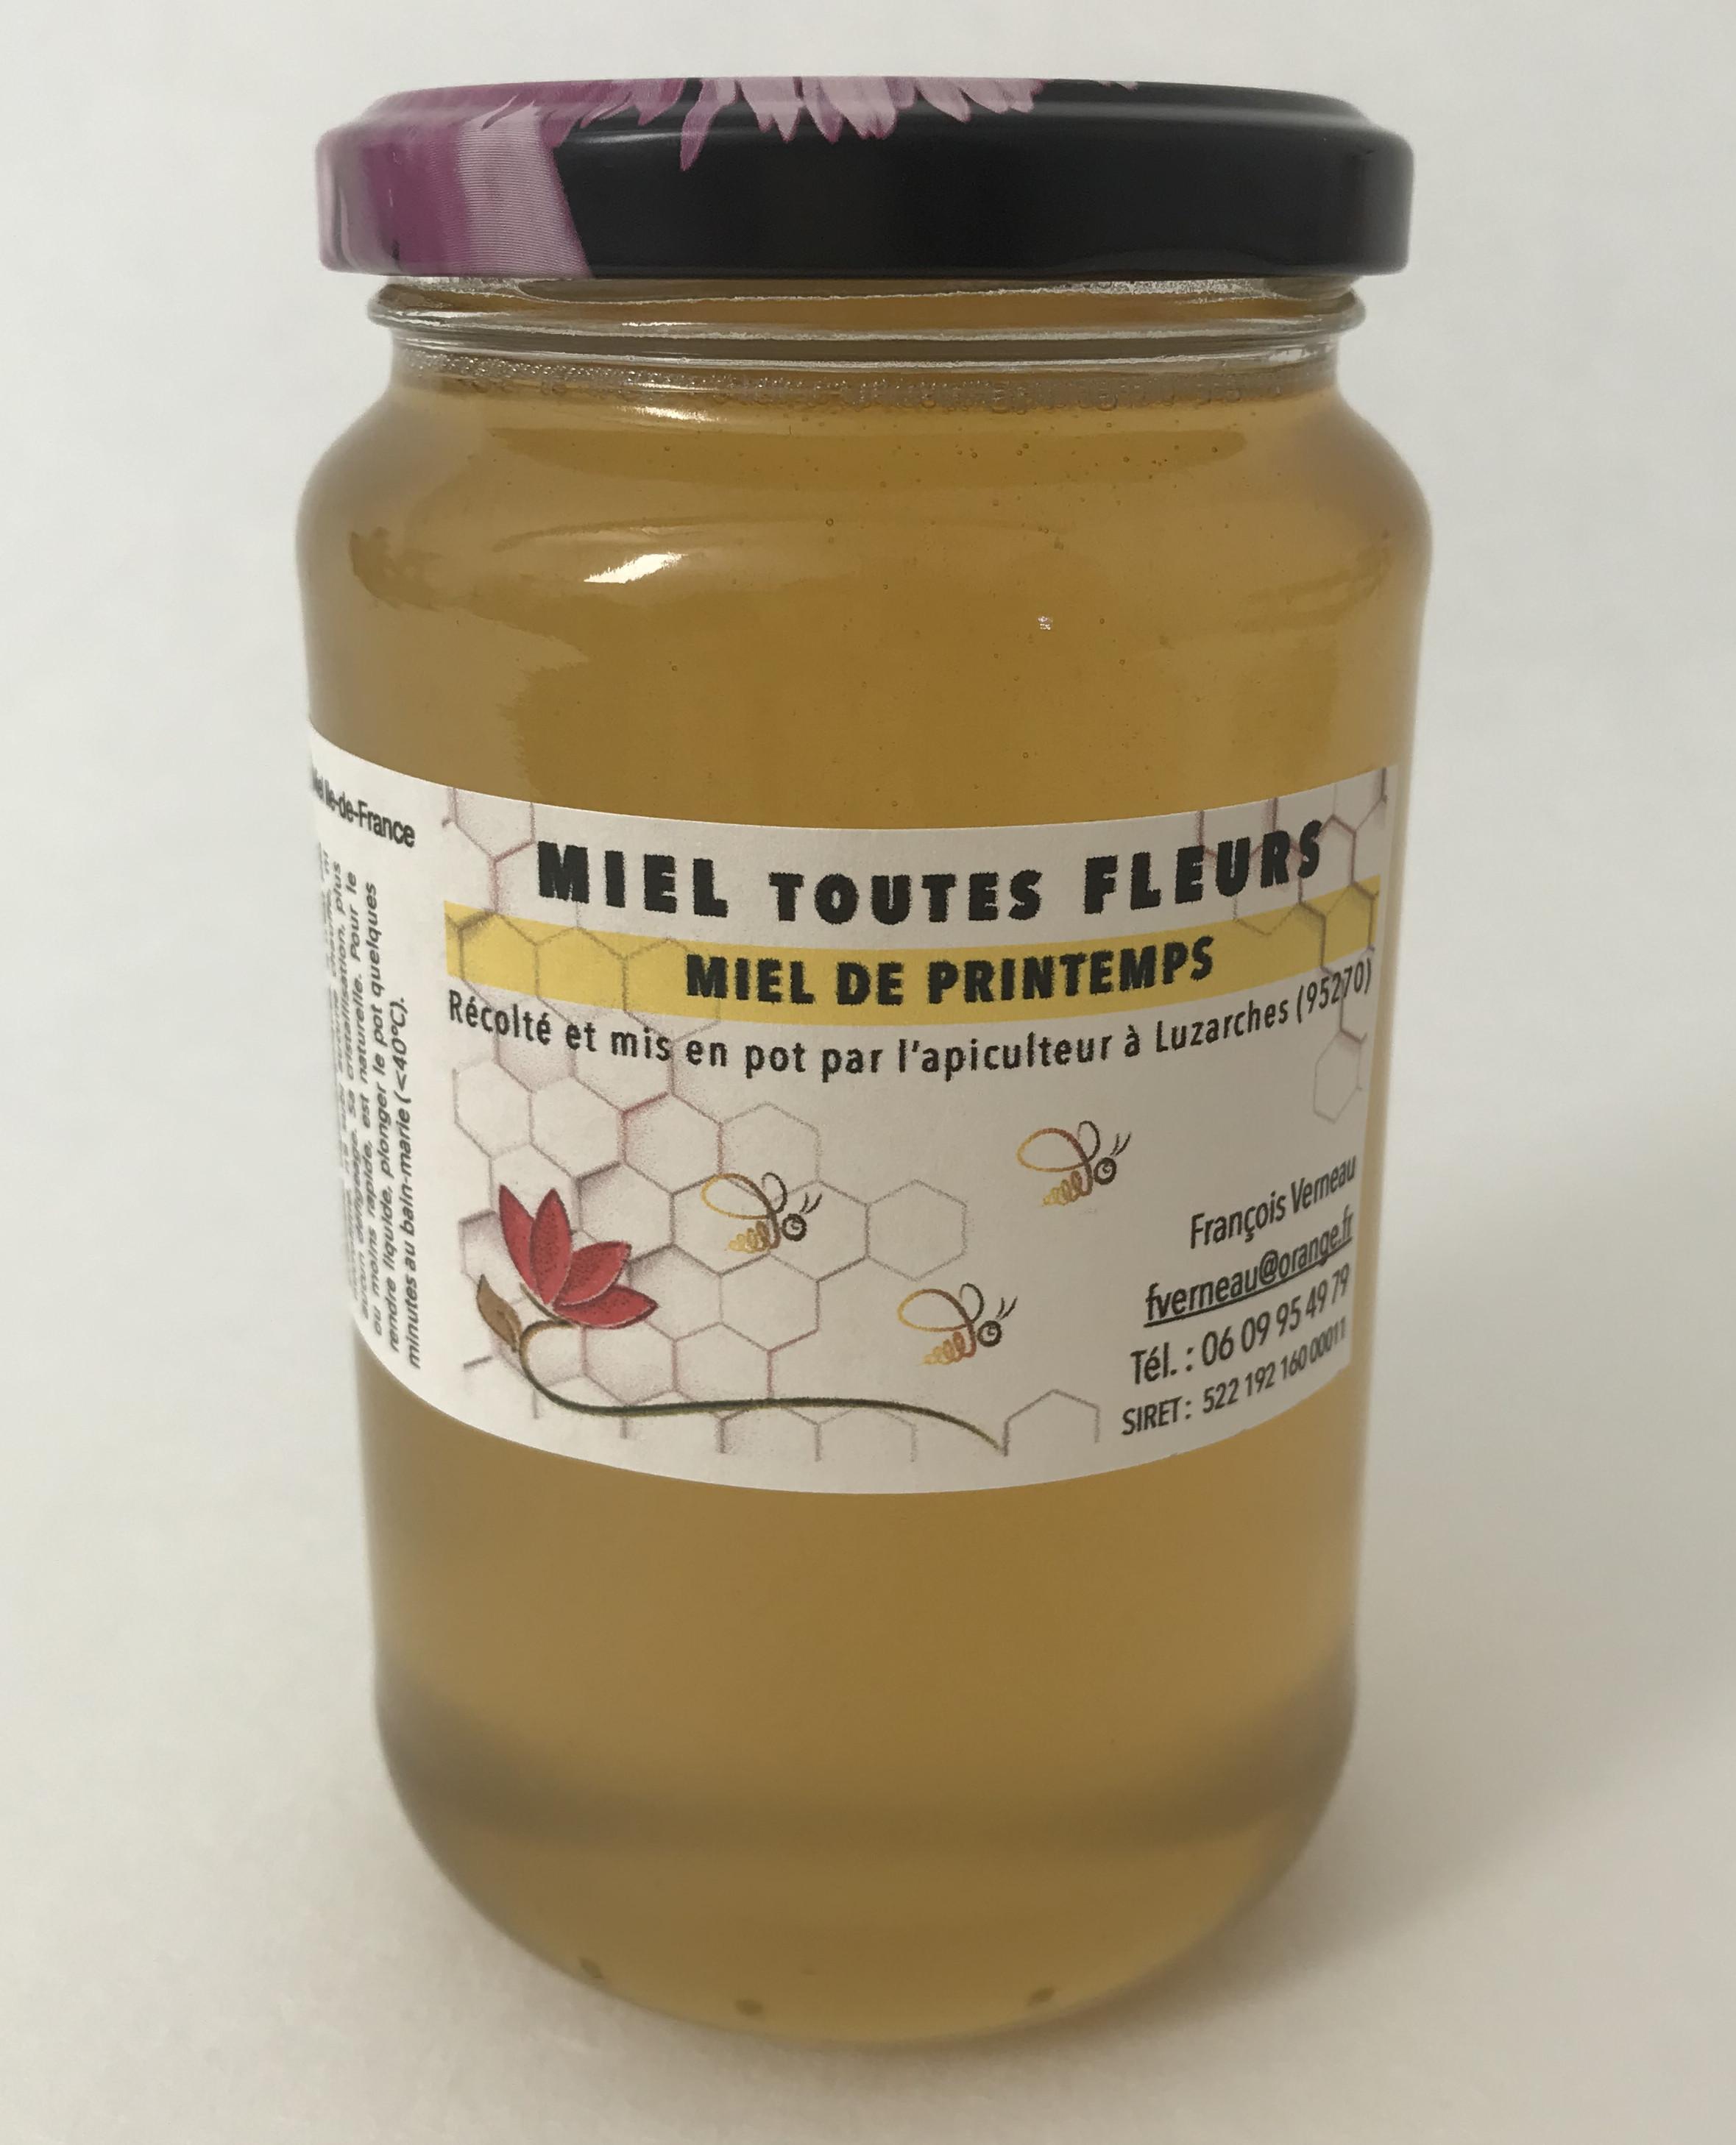 Miel de printemps polyfloral (pot de 500g)